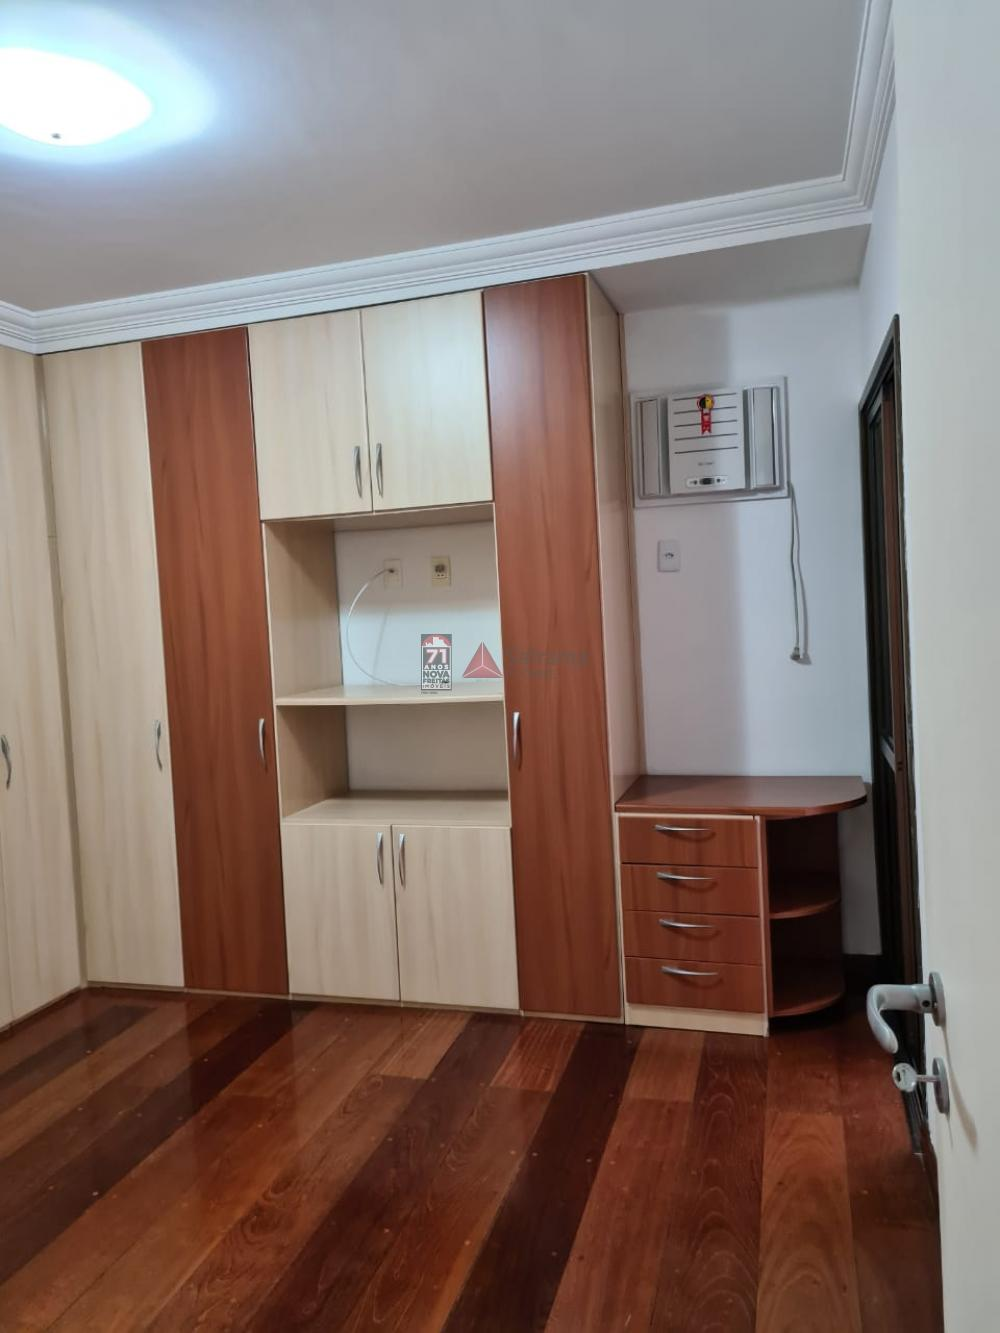 Comprar Apartamento / Padrão em Pindamonhangaba apenas R$ 430.000,00 - Foto 16